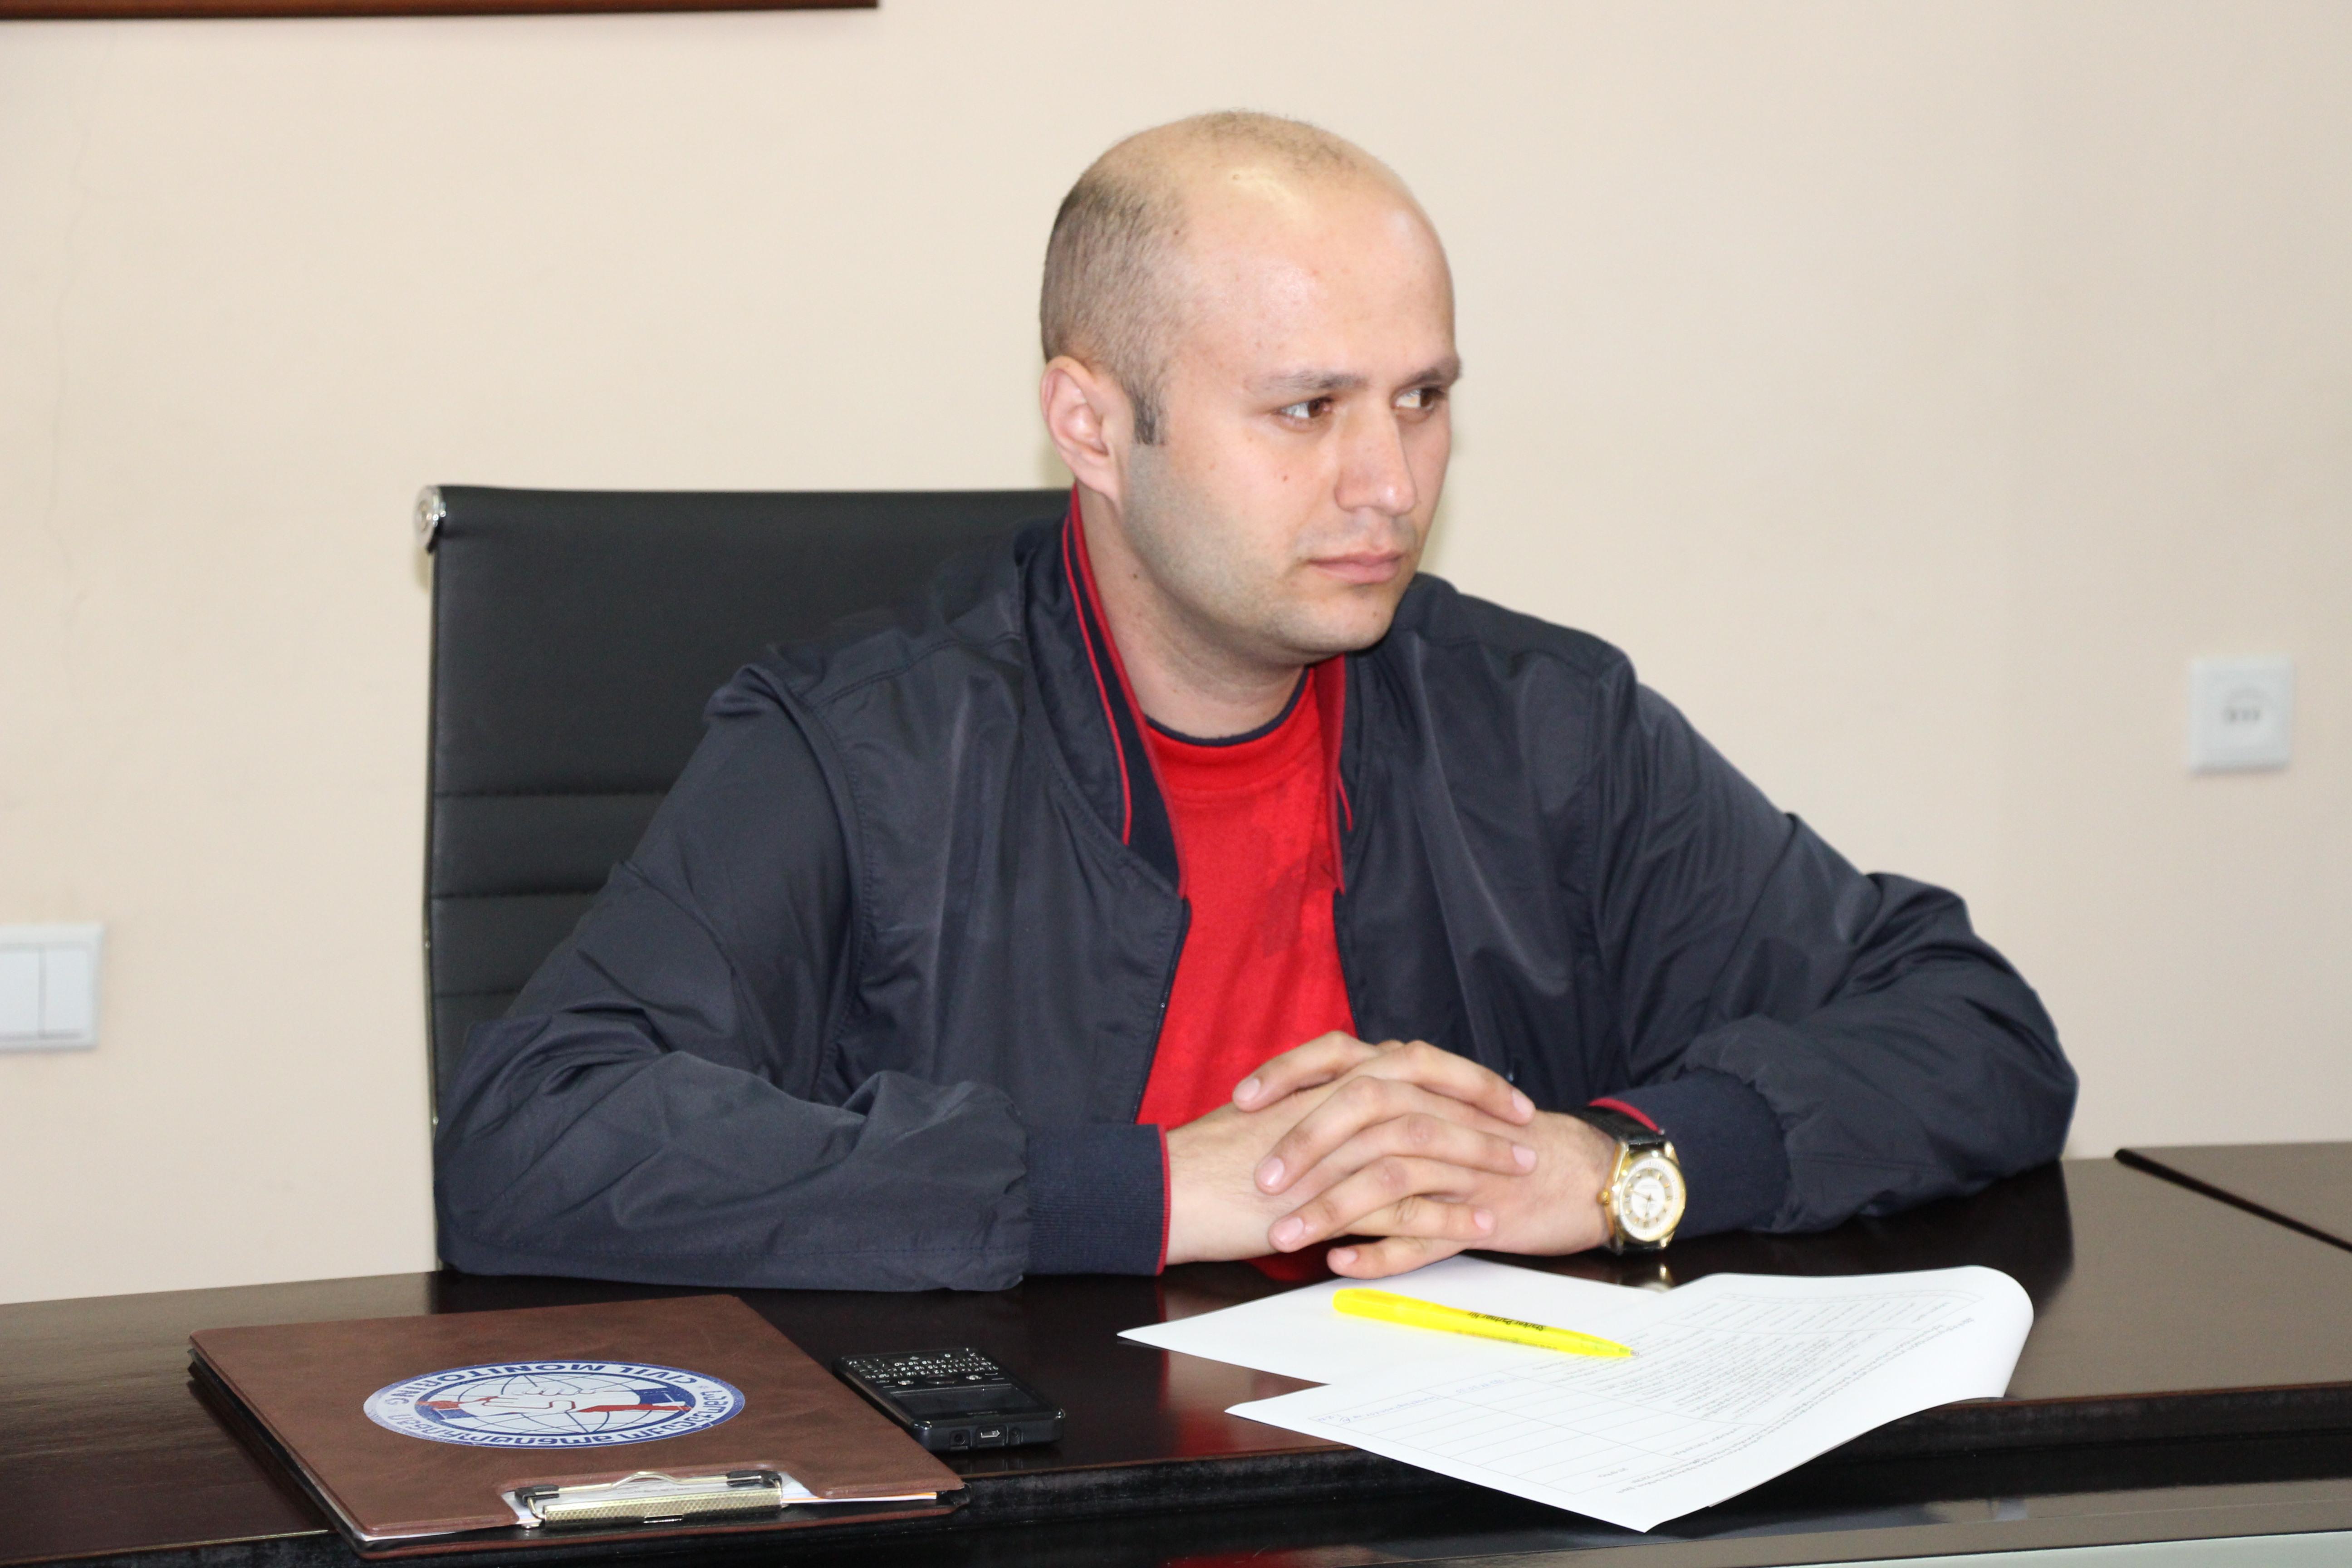 ქედის ყოფილი პოლიკლინიკის რეაბილიტირებულ შენობაში ბინას 12 ოჯახი მიიღებს